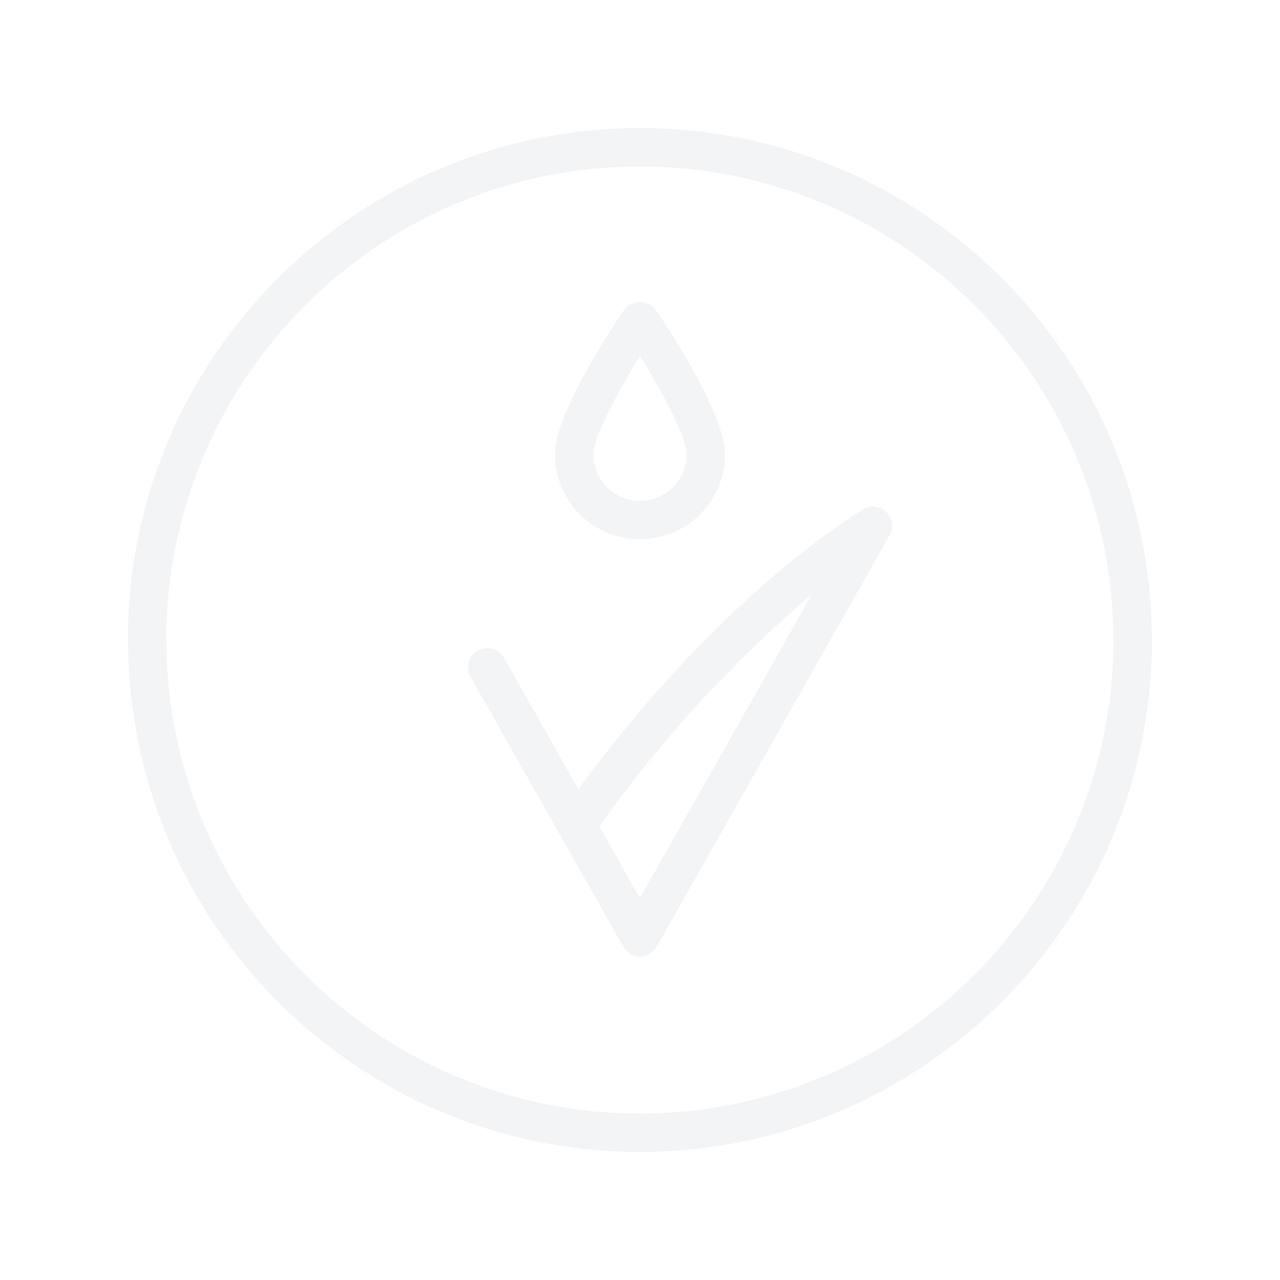 MAX FACTOR Miracle Glow Duo Pro Illuminator 11g